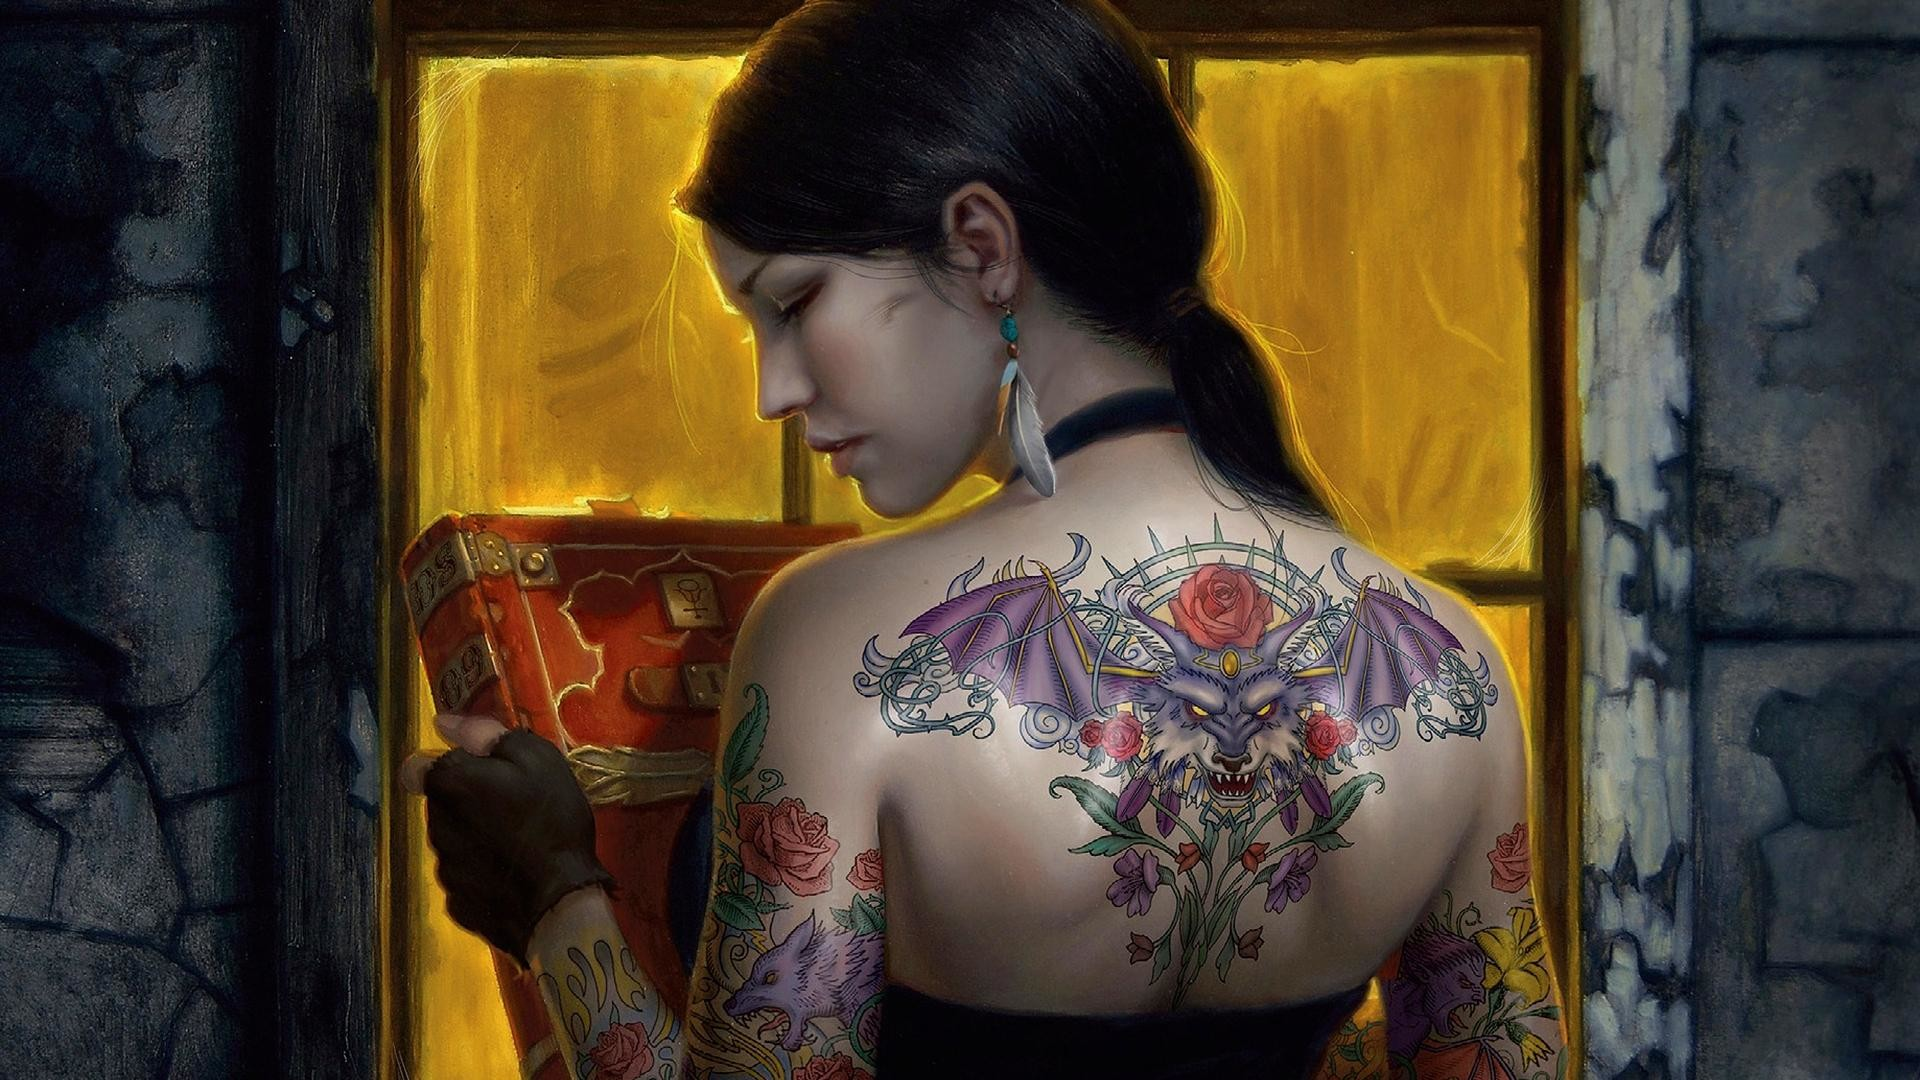 Tattoo Girls Designs HD Wallpaper of Tattoos